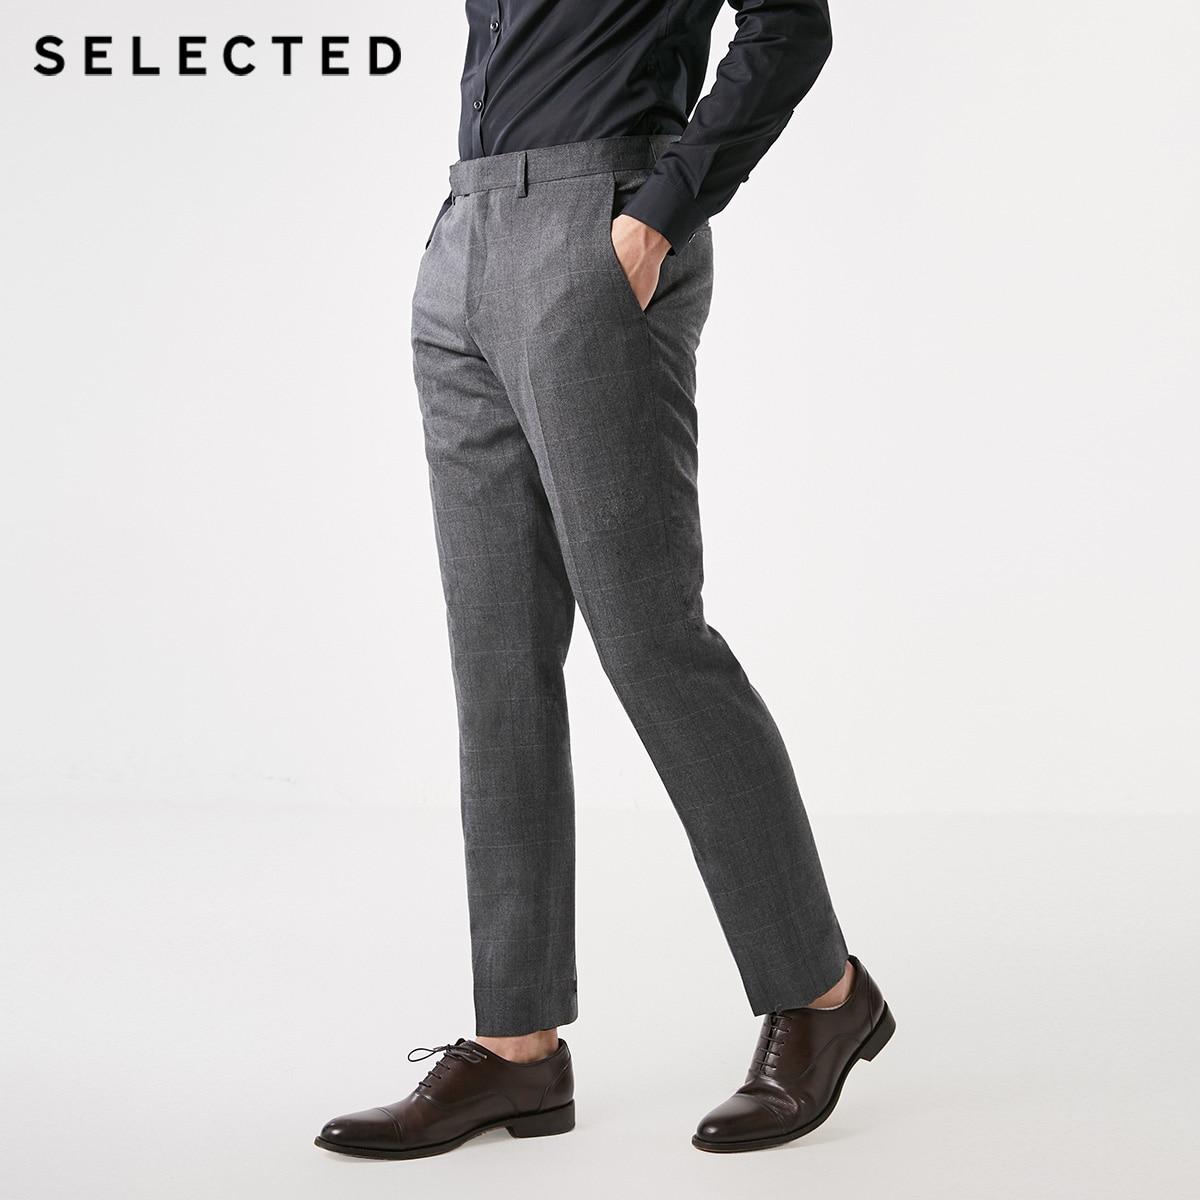 SELECTED Men's 100% Wool Plaid Slim Fit Suit Pants T|41916C504